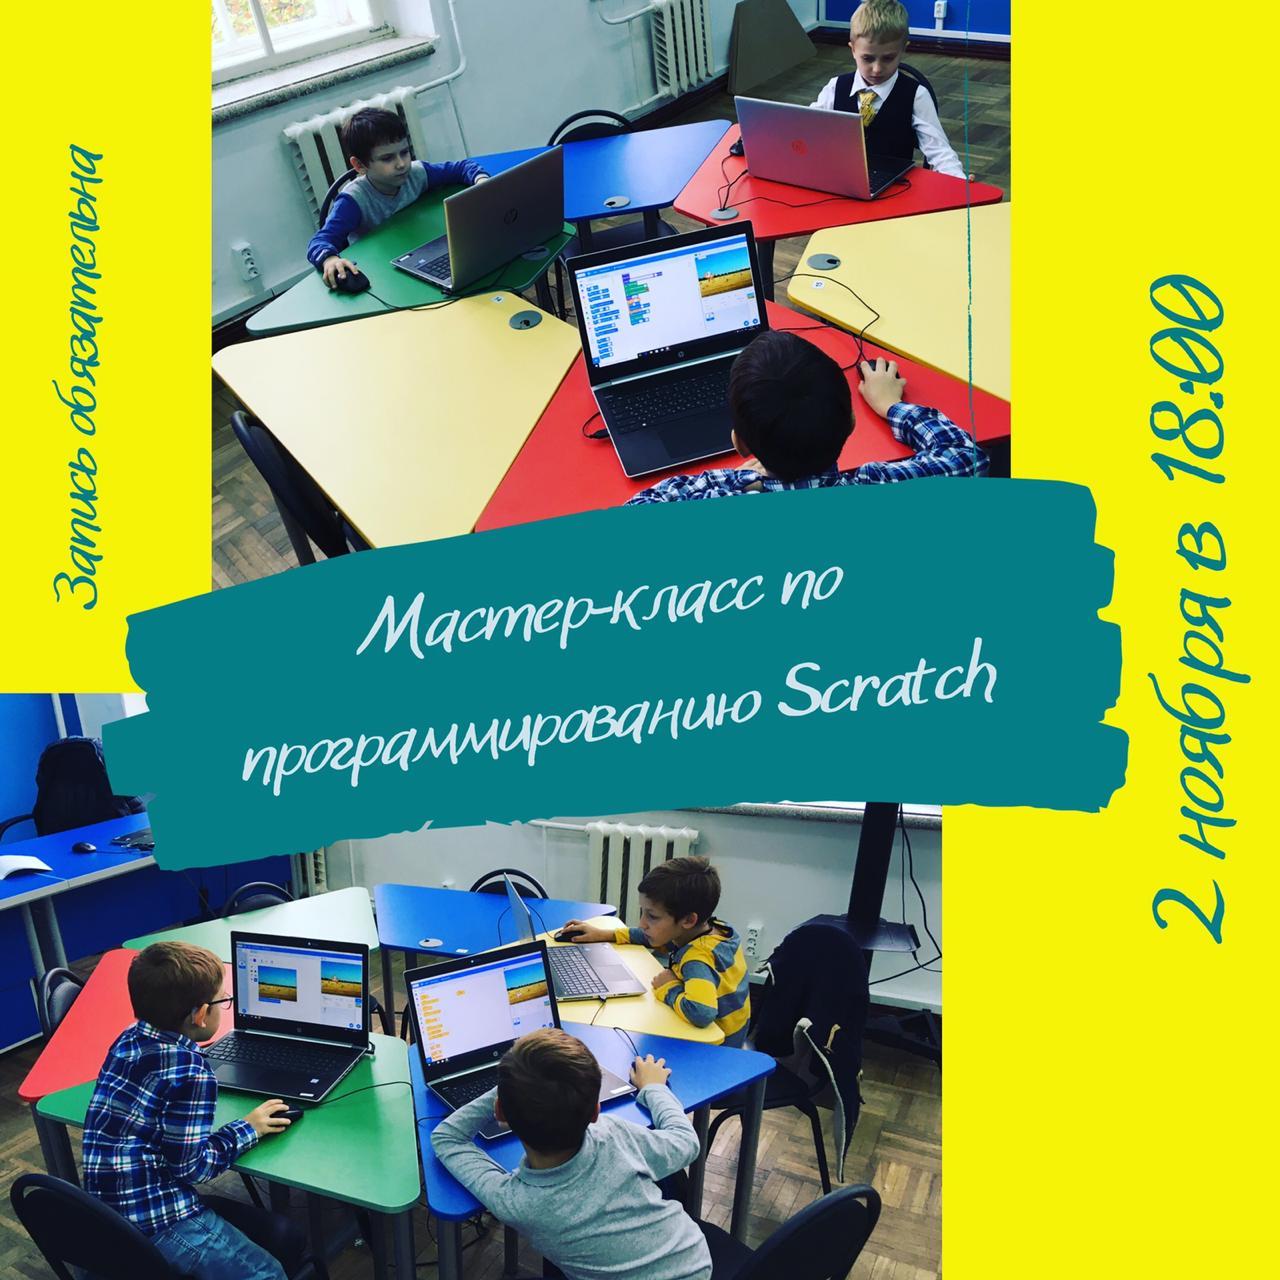 Мастер-класс по креативному программированию в Scratch 3.0